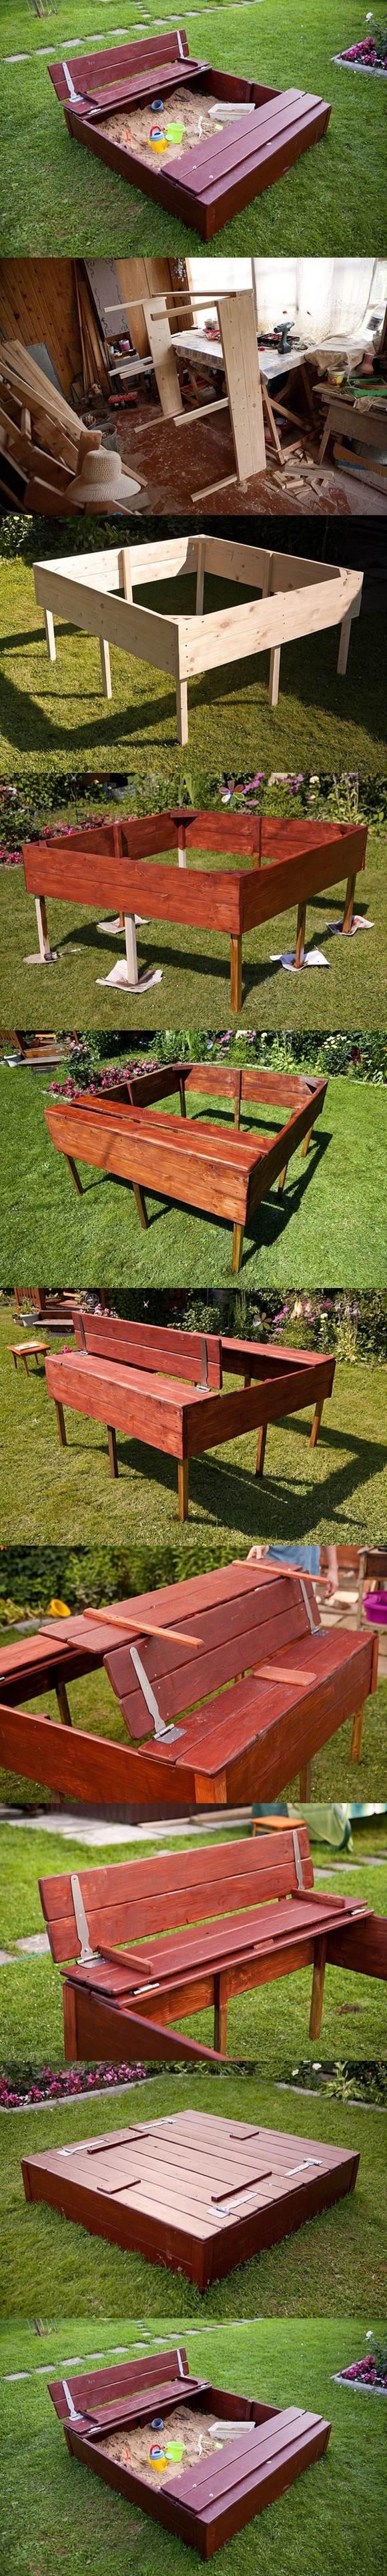 DIY Nice Sandbox for Kids 2